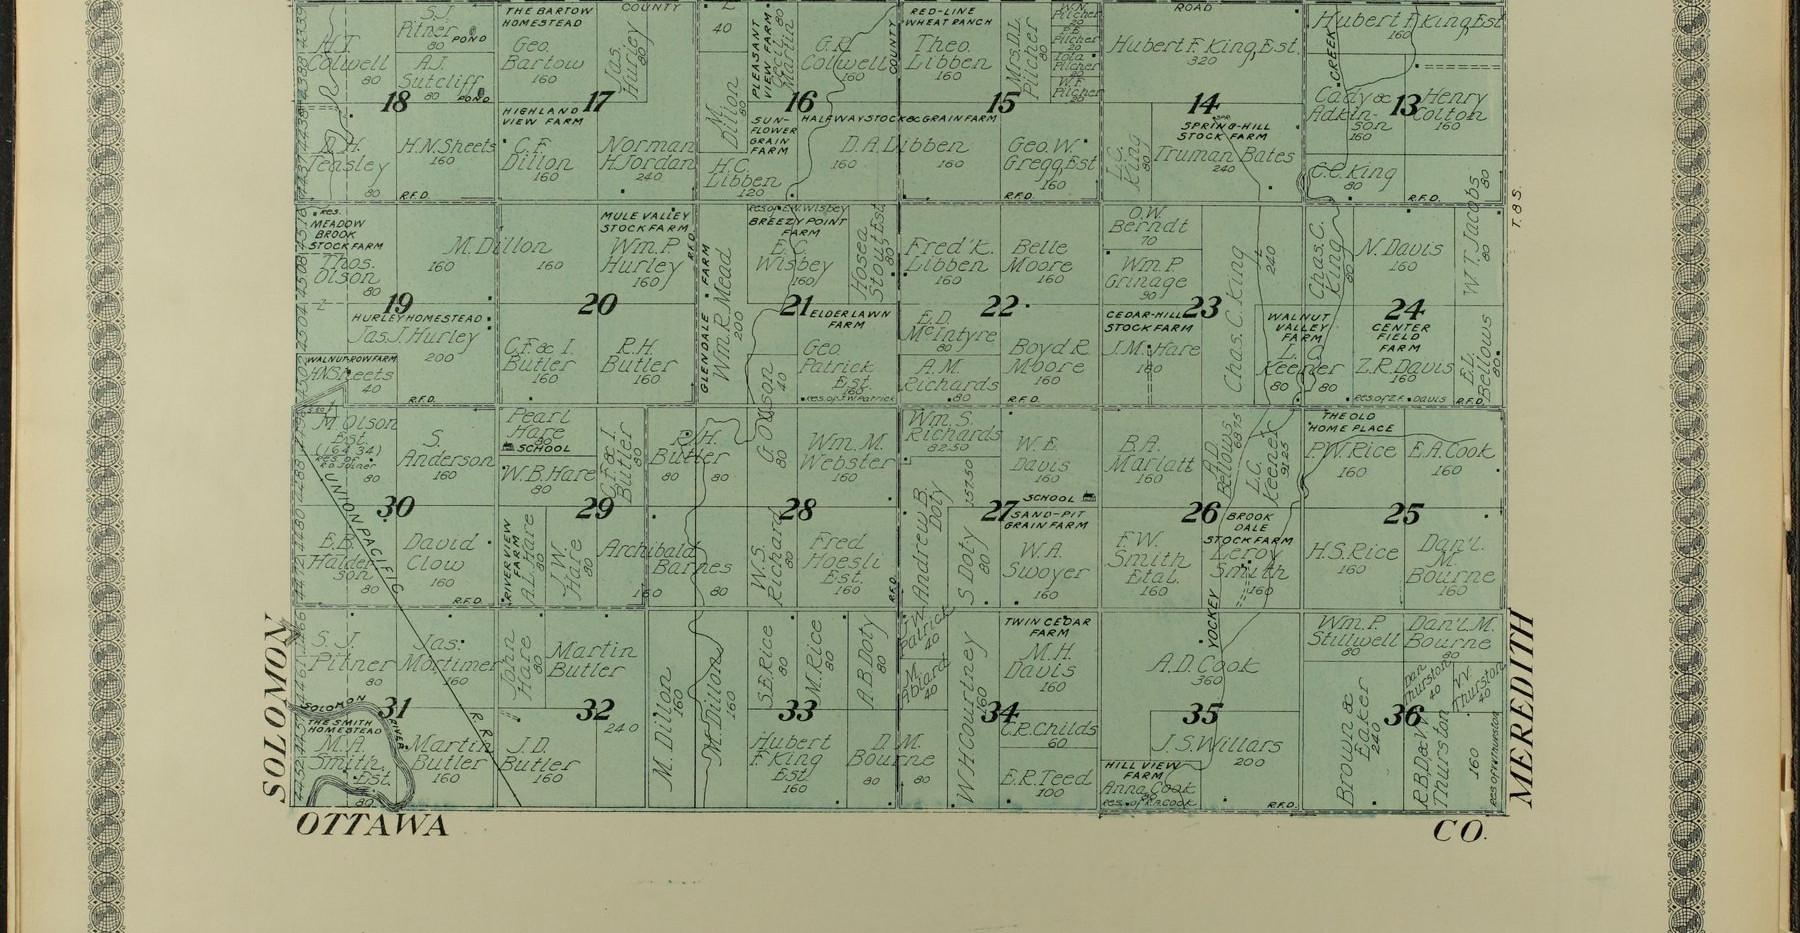 7b: Lyon Township South